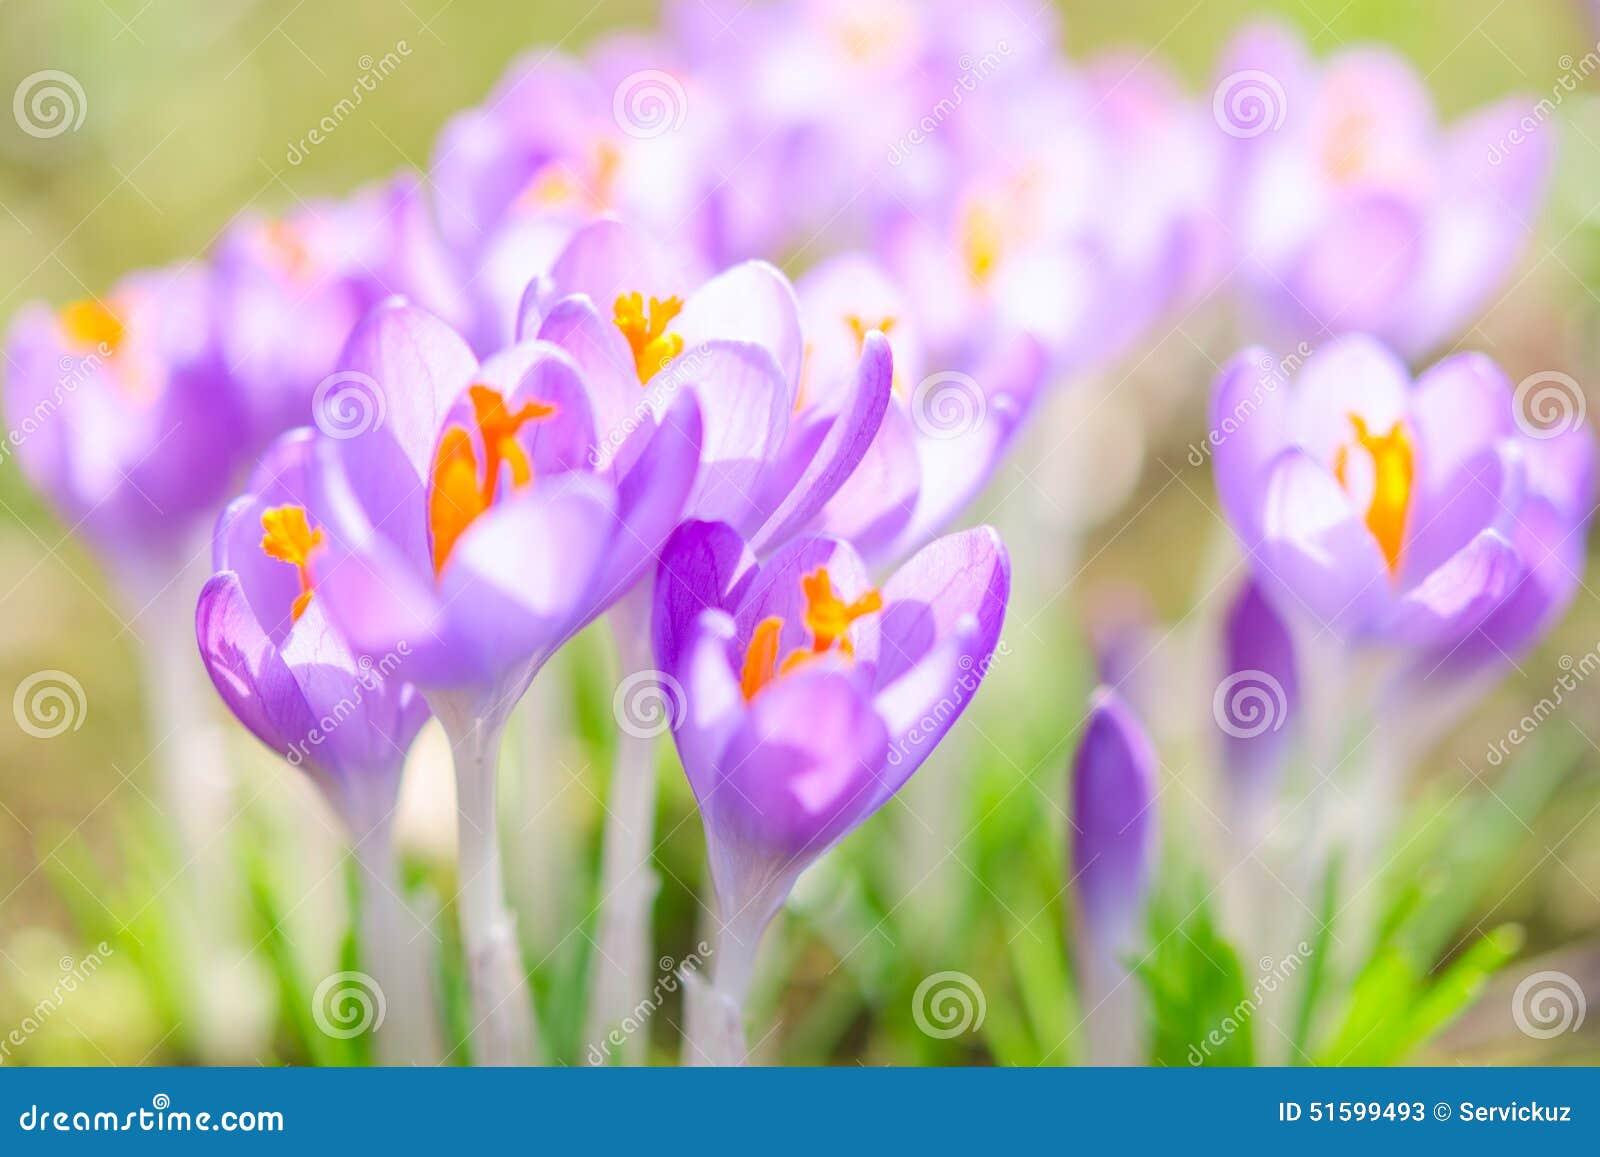 Flores violetas frágeis e delicadas da mola do açafrão